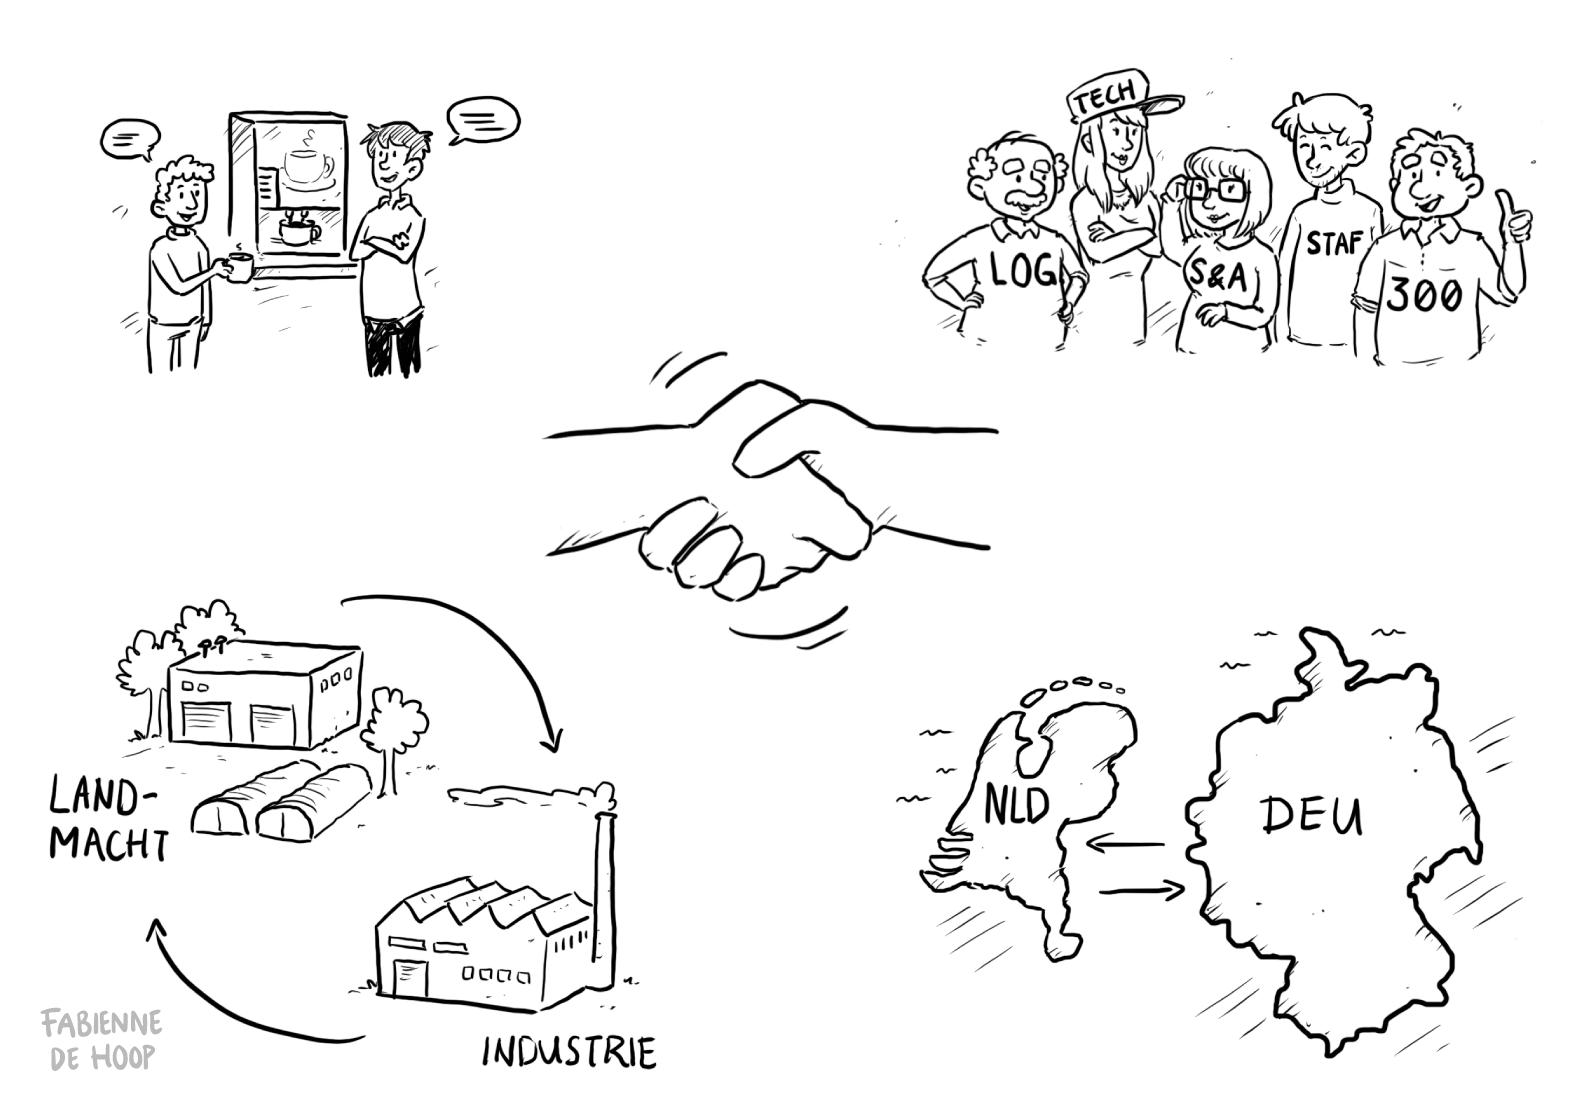 Cartoon visualiseert samenwerkingen